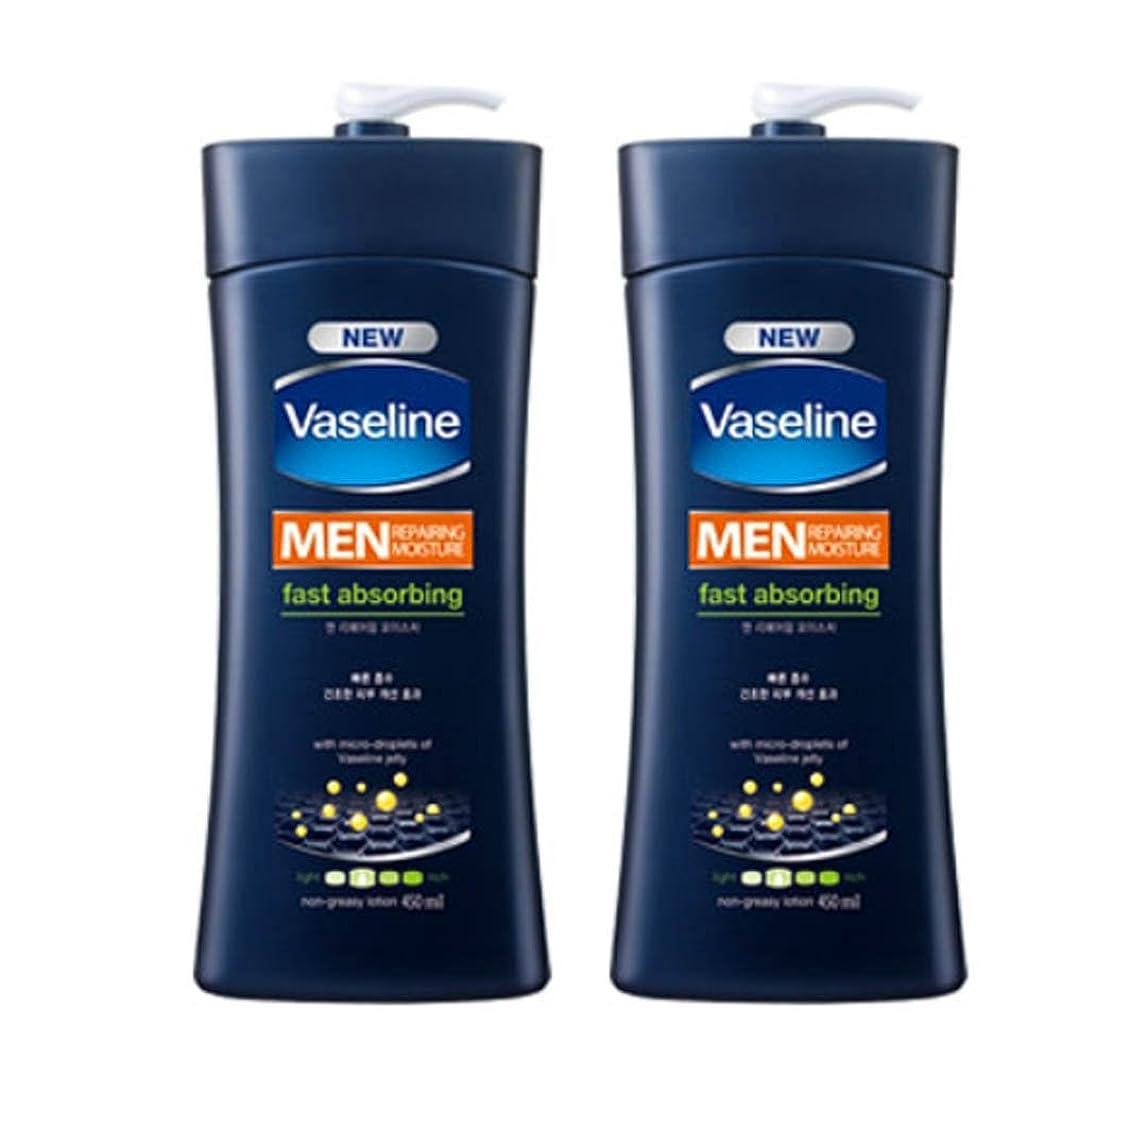 生産性蒸気古代ヴァセリン メンズ リペアリング モイスチャーローション(Vaseline Man Repairing Moisture Lotion) 450ml X 2個 [並行輸入品]